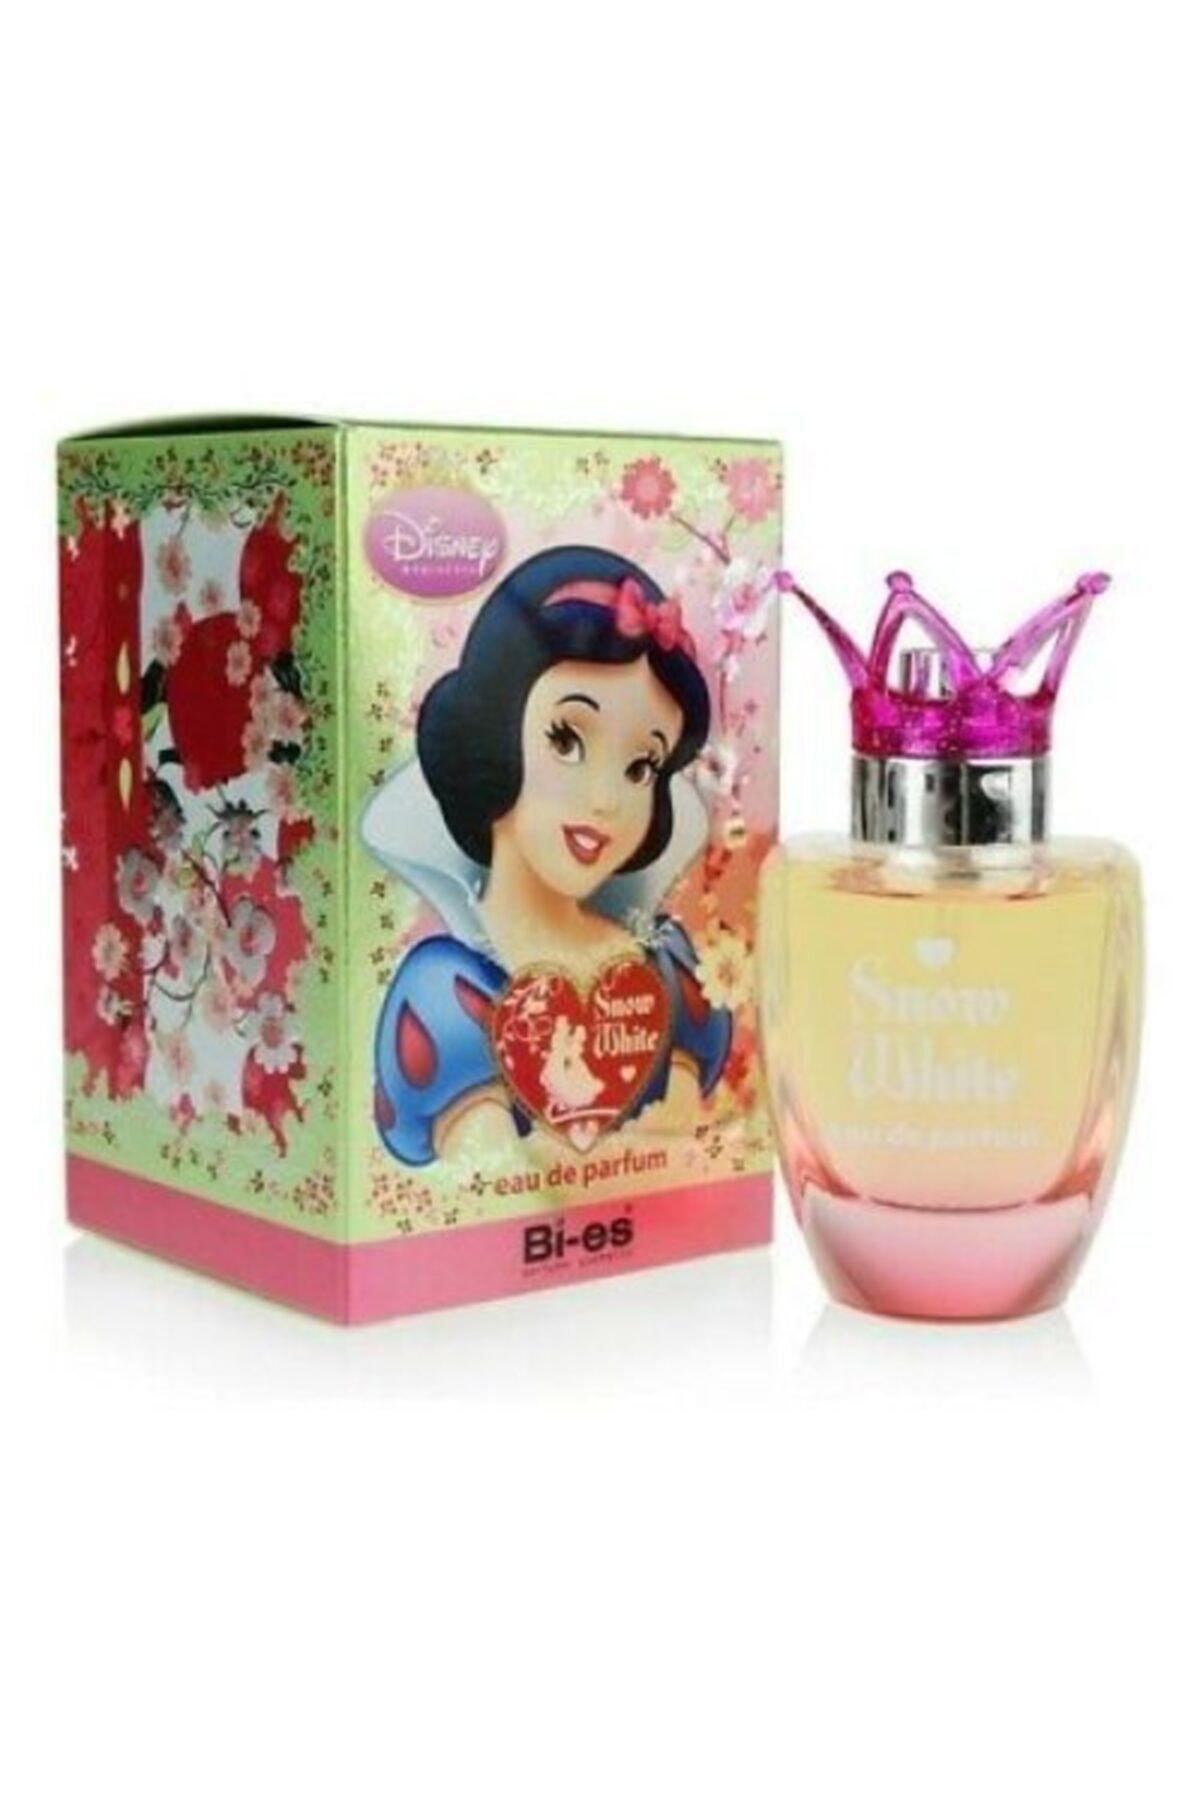 DİSNEY PRİNCESS Snow White Edt 50 ml Çocuk Parfüm 5907699481996 1